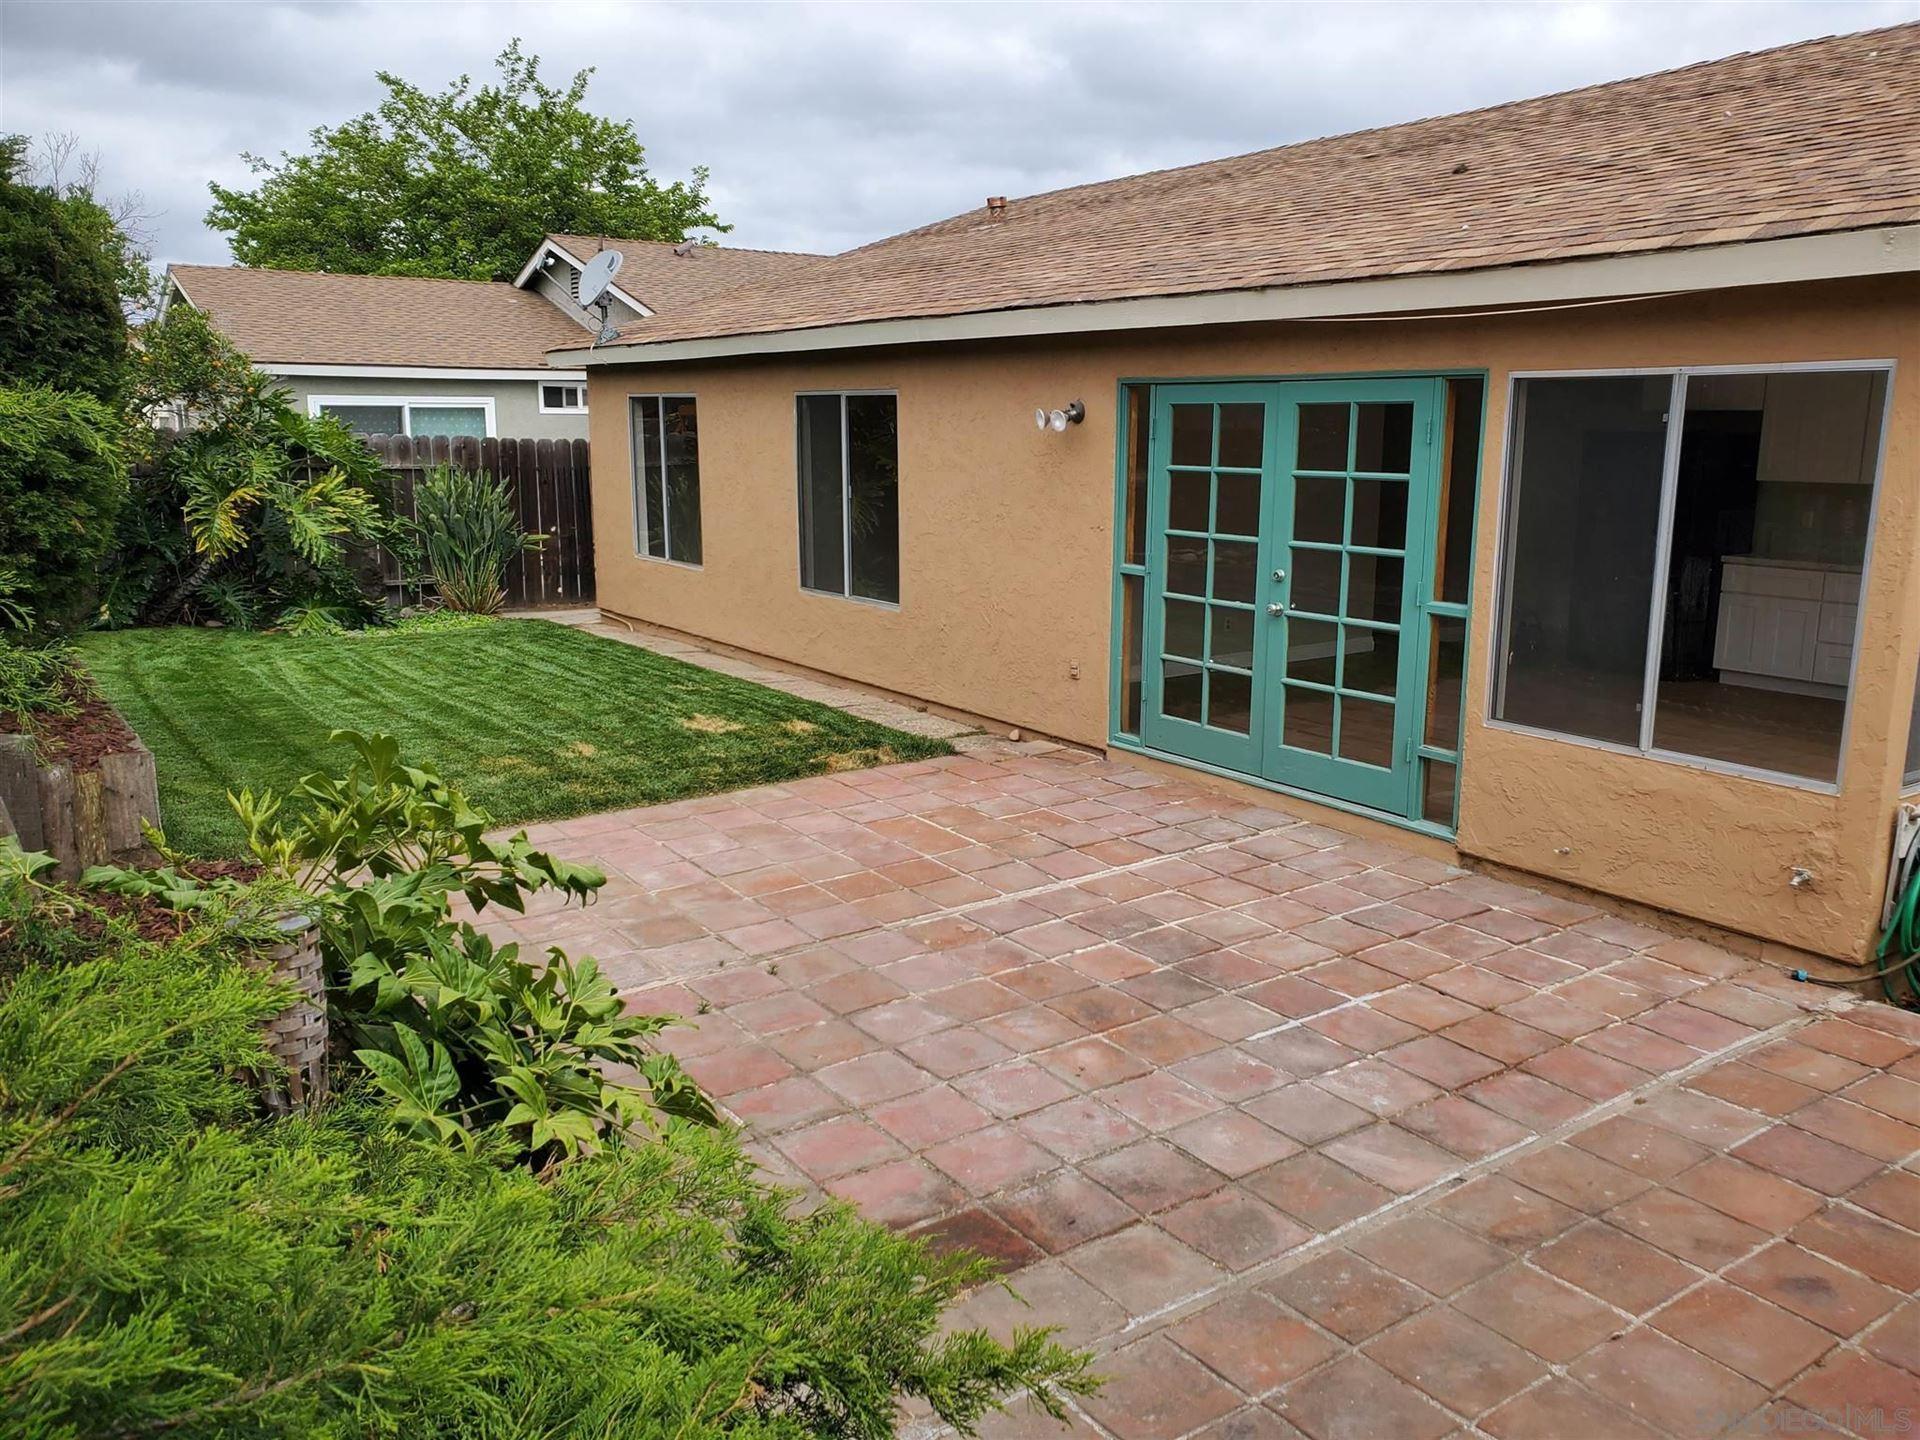 Photo of 864 Buena Vista Way, Chula Vista, CA 91910 (MLS # 210015986)